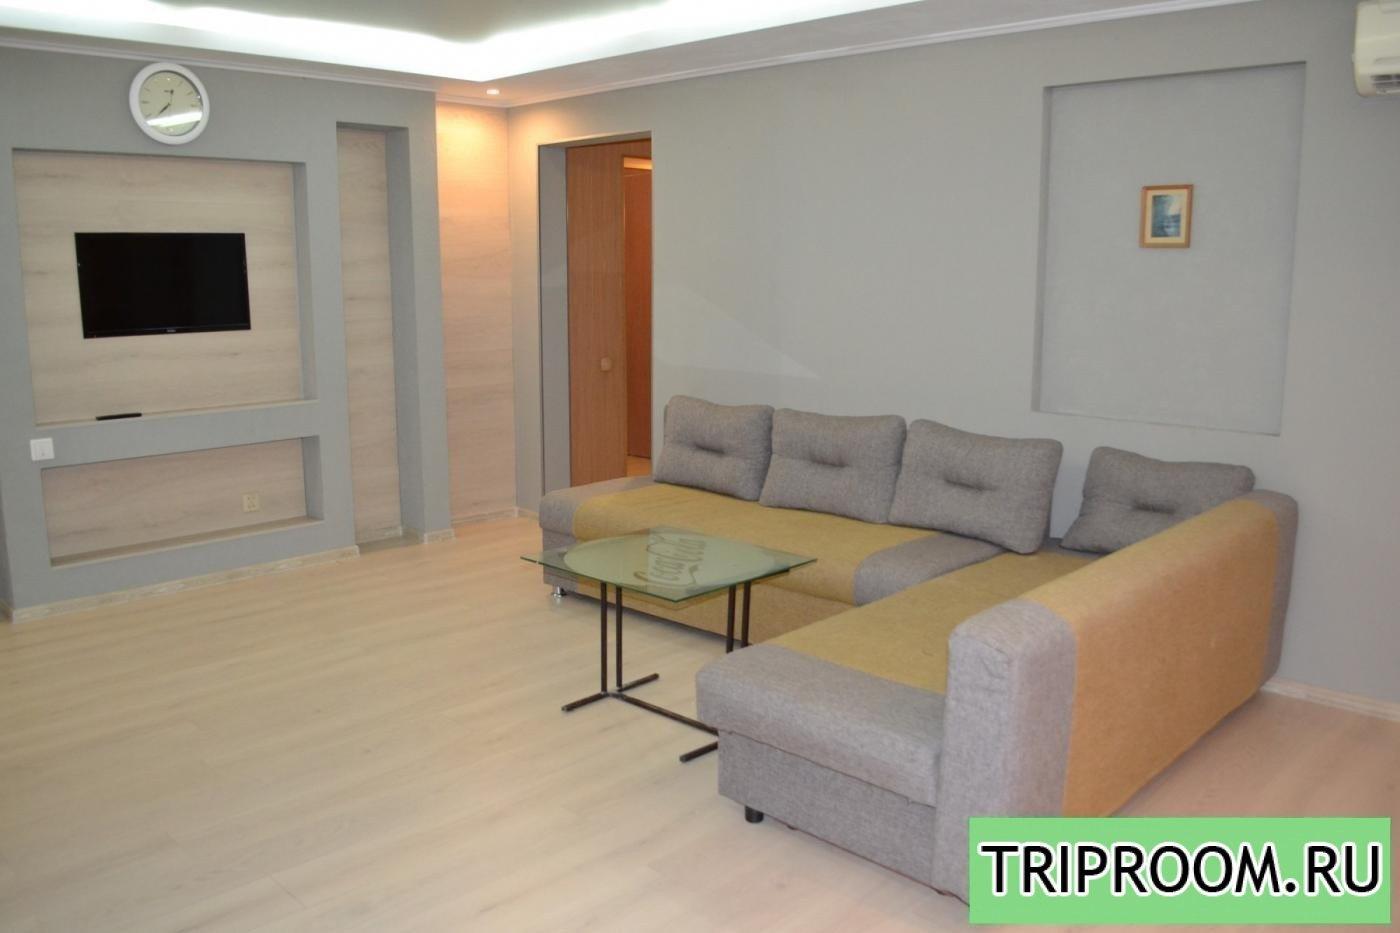 3-комнатная квартира посуточно (вариант № 5725), ул. Тимирязева улица, фото № 1